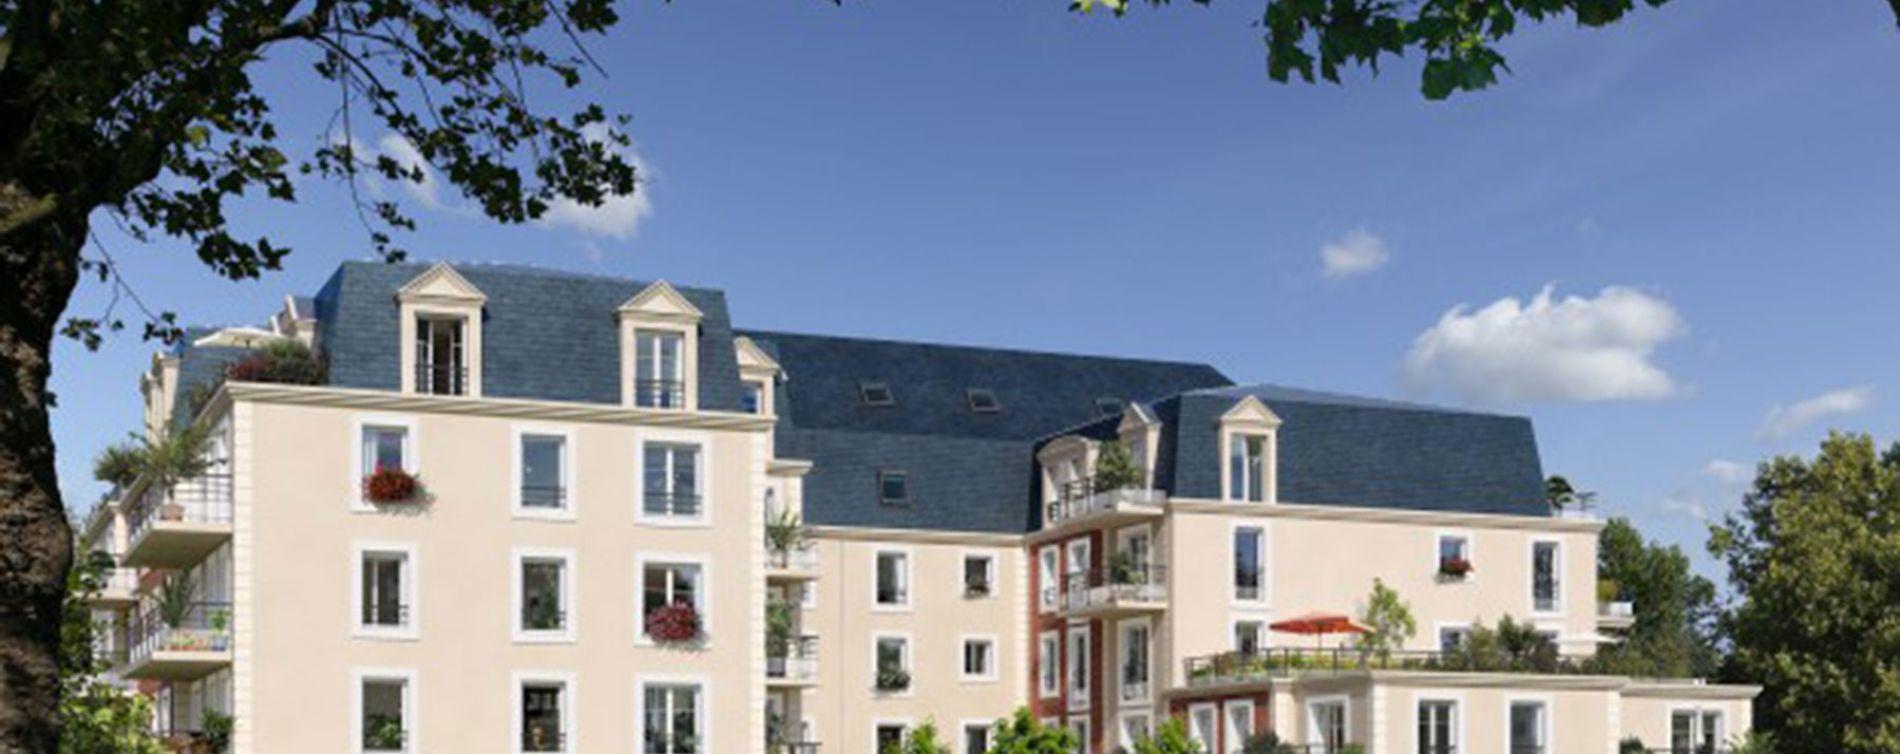 Résidence Belle Allure Bât C à Orléans